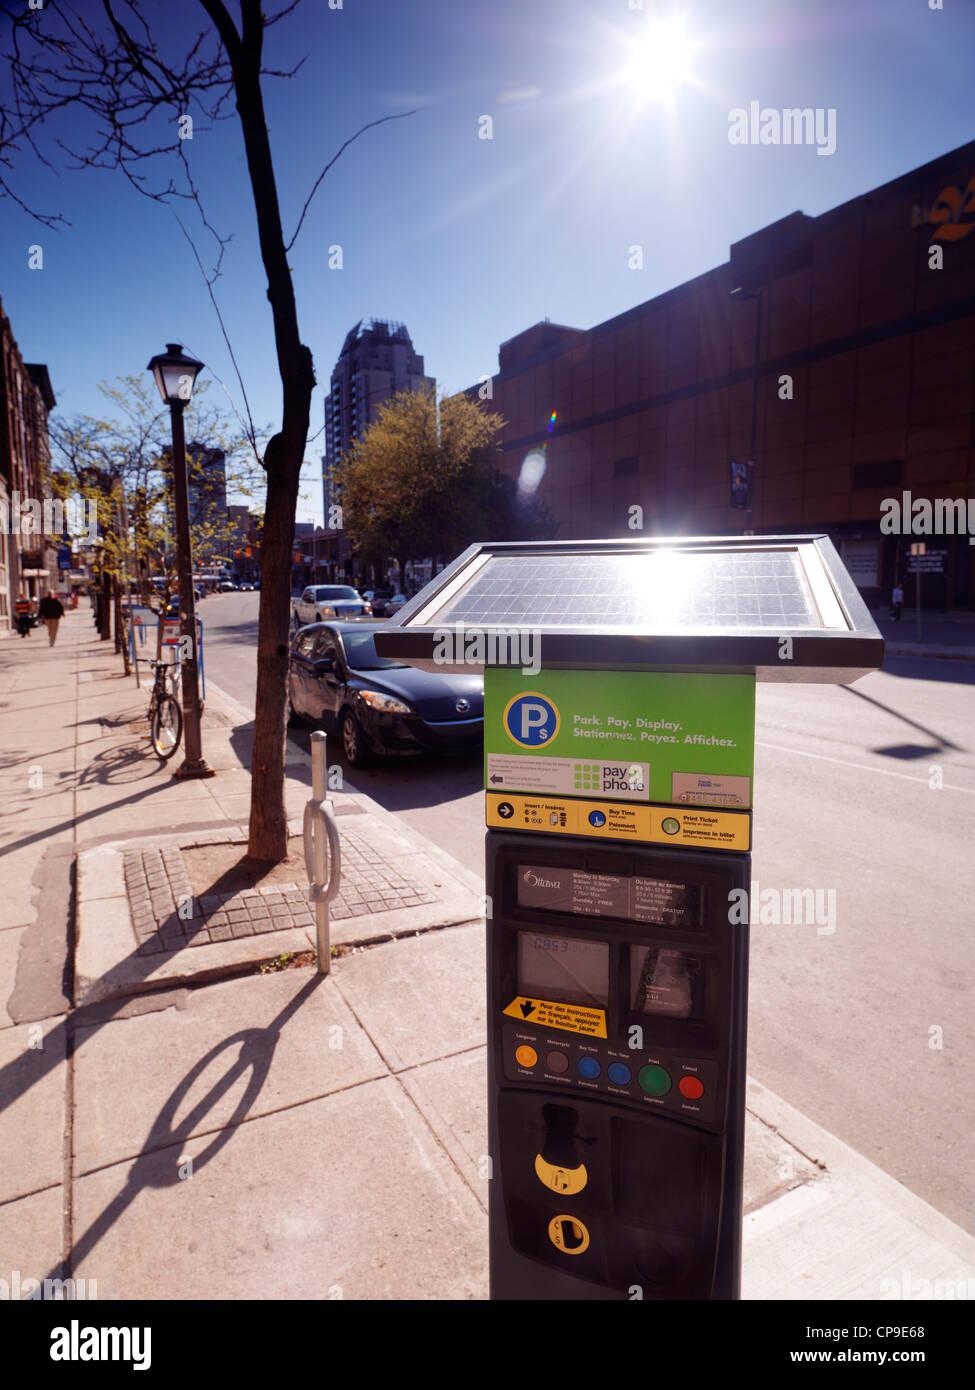 L'énergie solaire alimenté un parcomètre dans une rue d'Ottawa, Ontario, Canada. Photo Stock